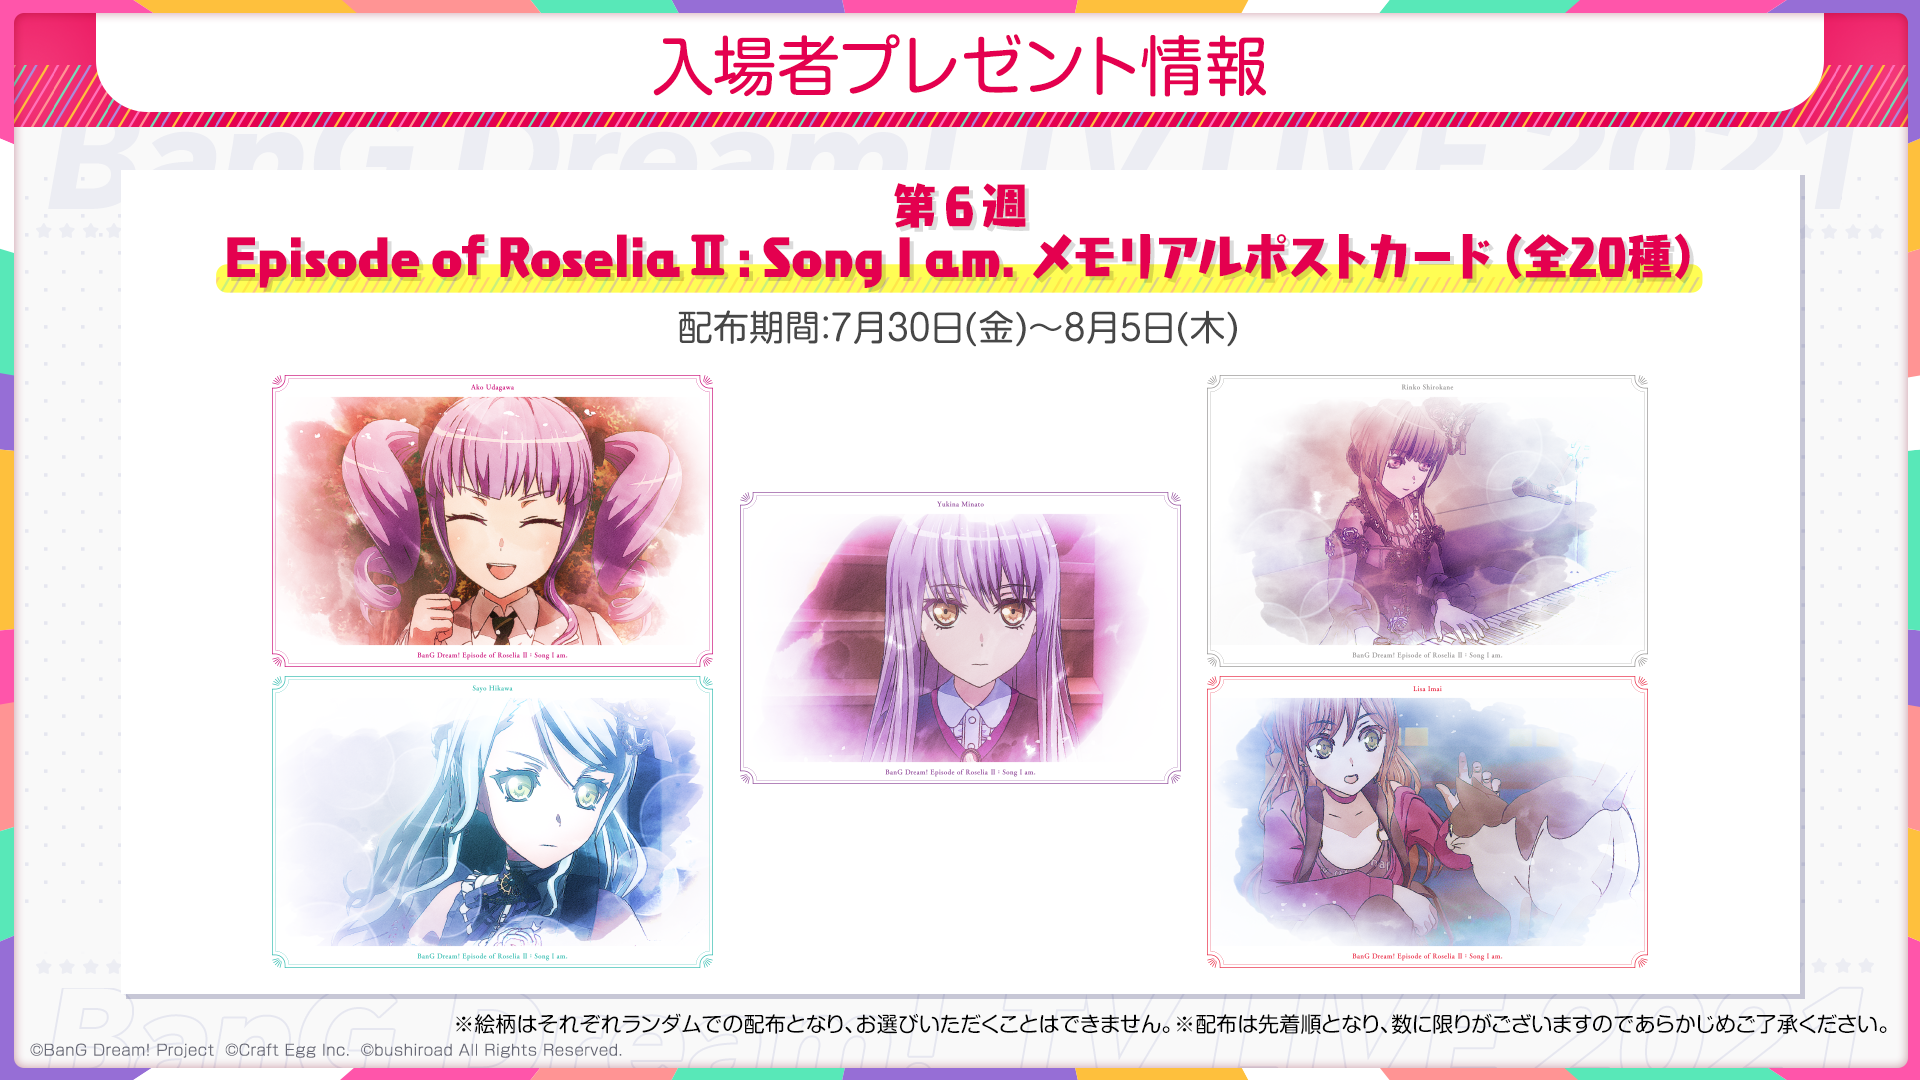 劇場版『Bang Dream! Episode of Roselia II : Song I am.』入場者プレゼント情報! 7月30日(金)より「メモリアルポストカード(全20種)」配布開始!-1